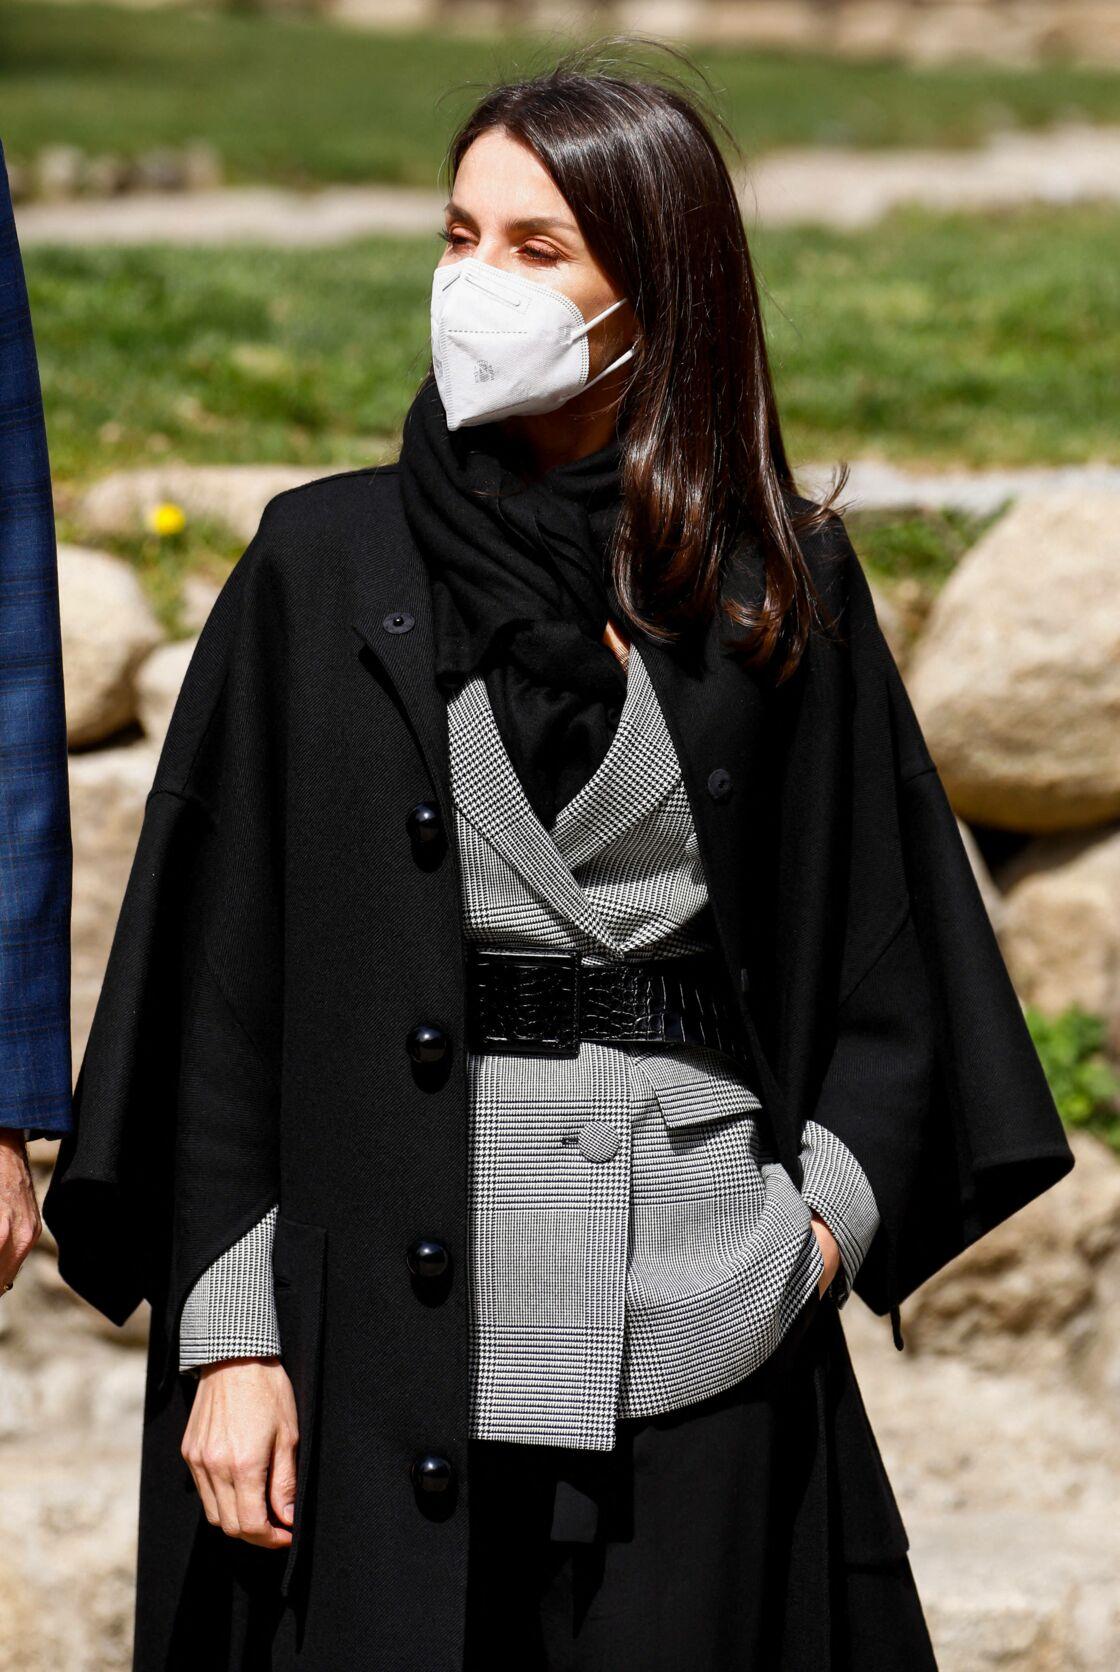 Le 26 mars 2021, Letizia d'Espagne mixe sa ceinture corset à sa veste de blazer prince de Galles